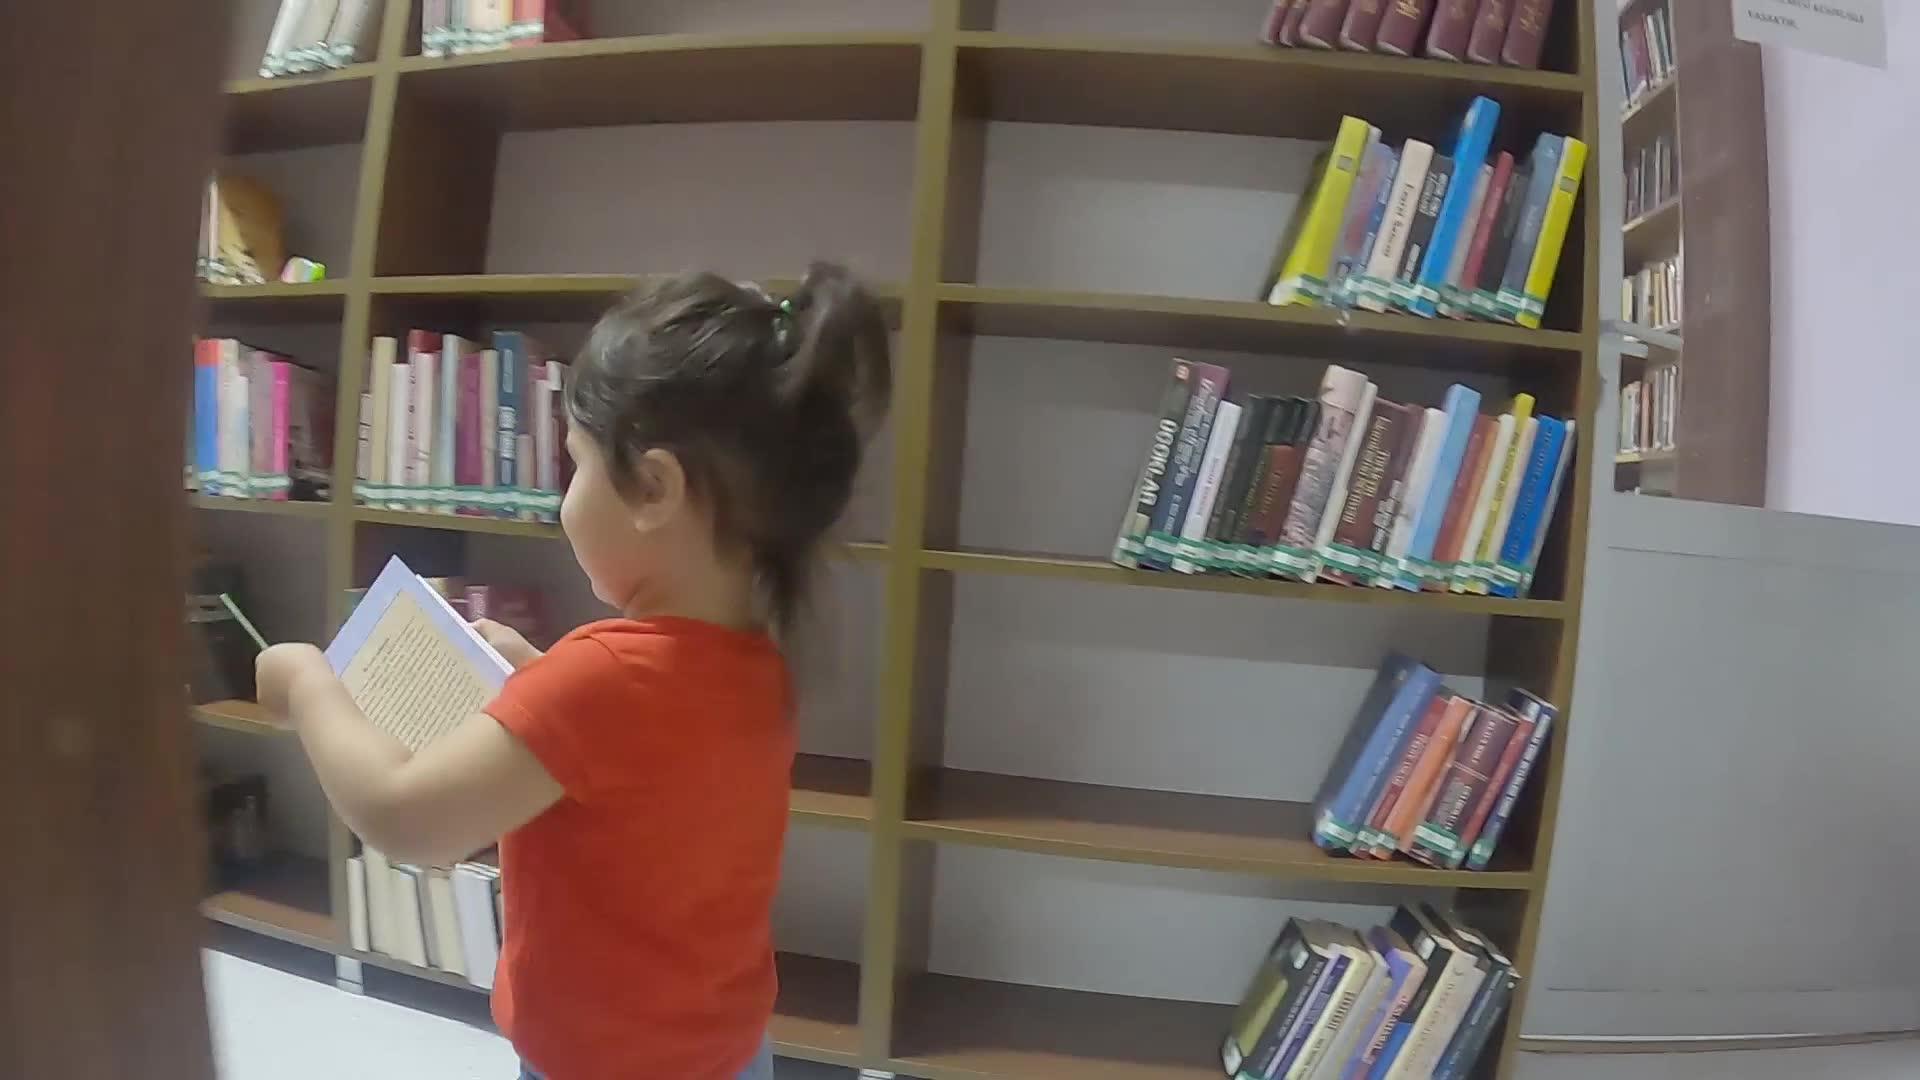 Alanya İlçe Halk Kütüphanesi M